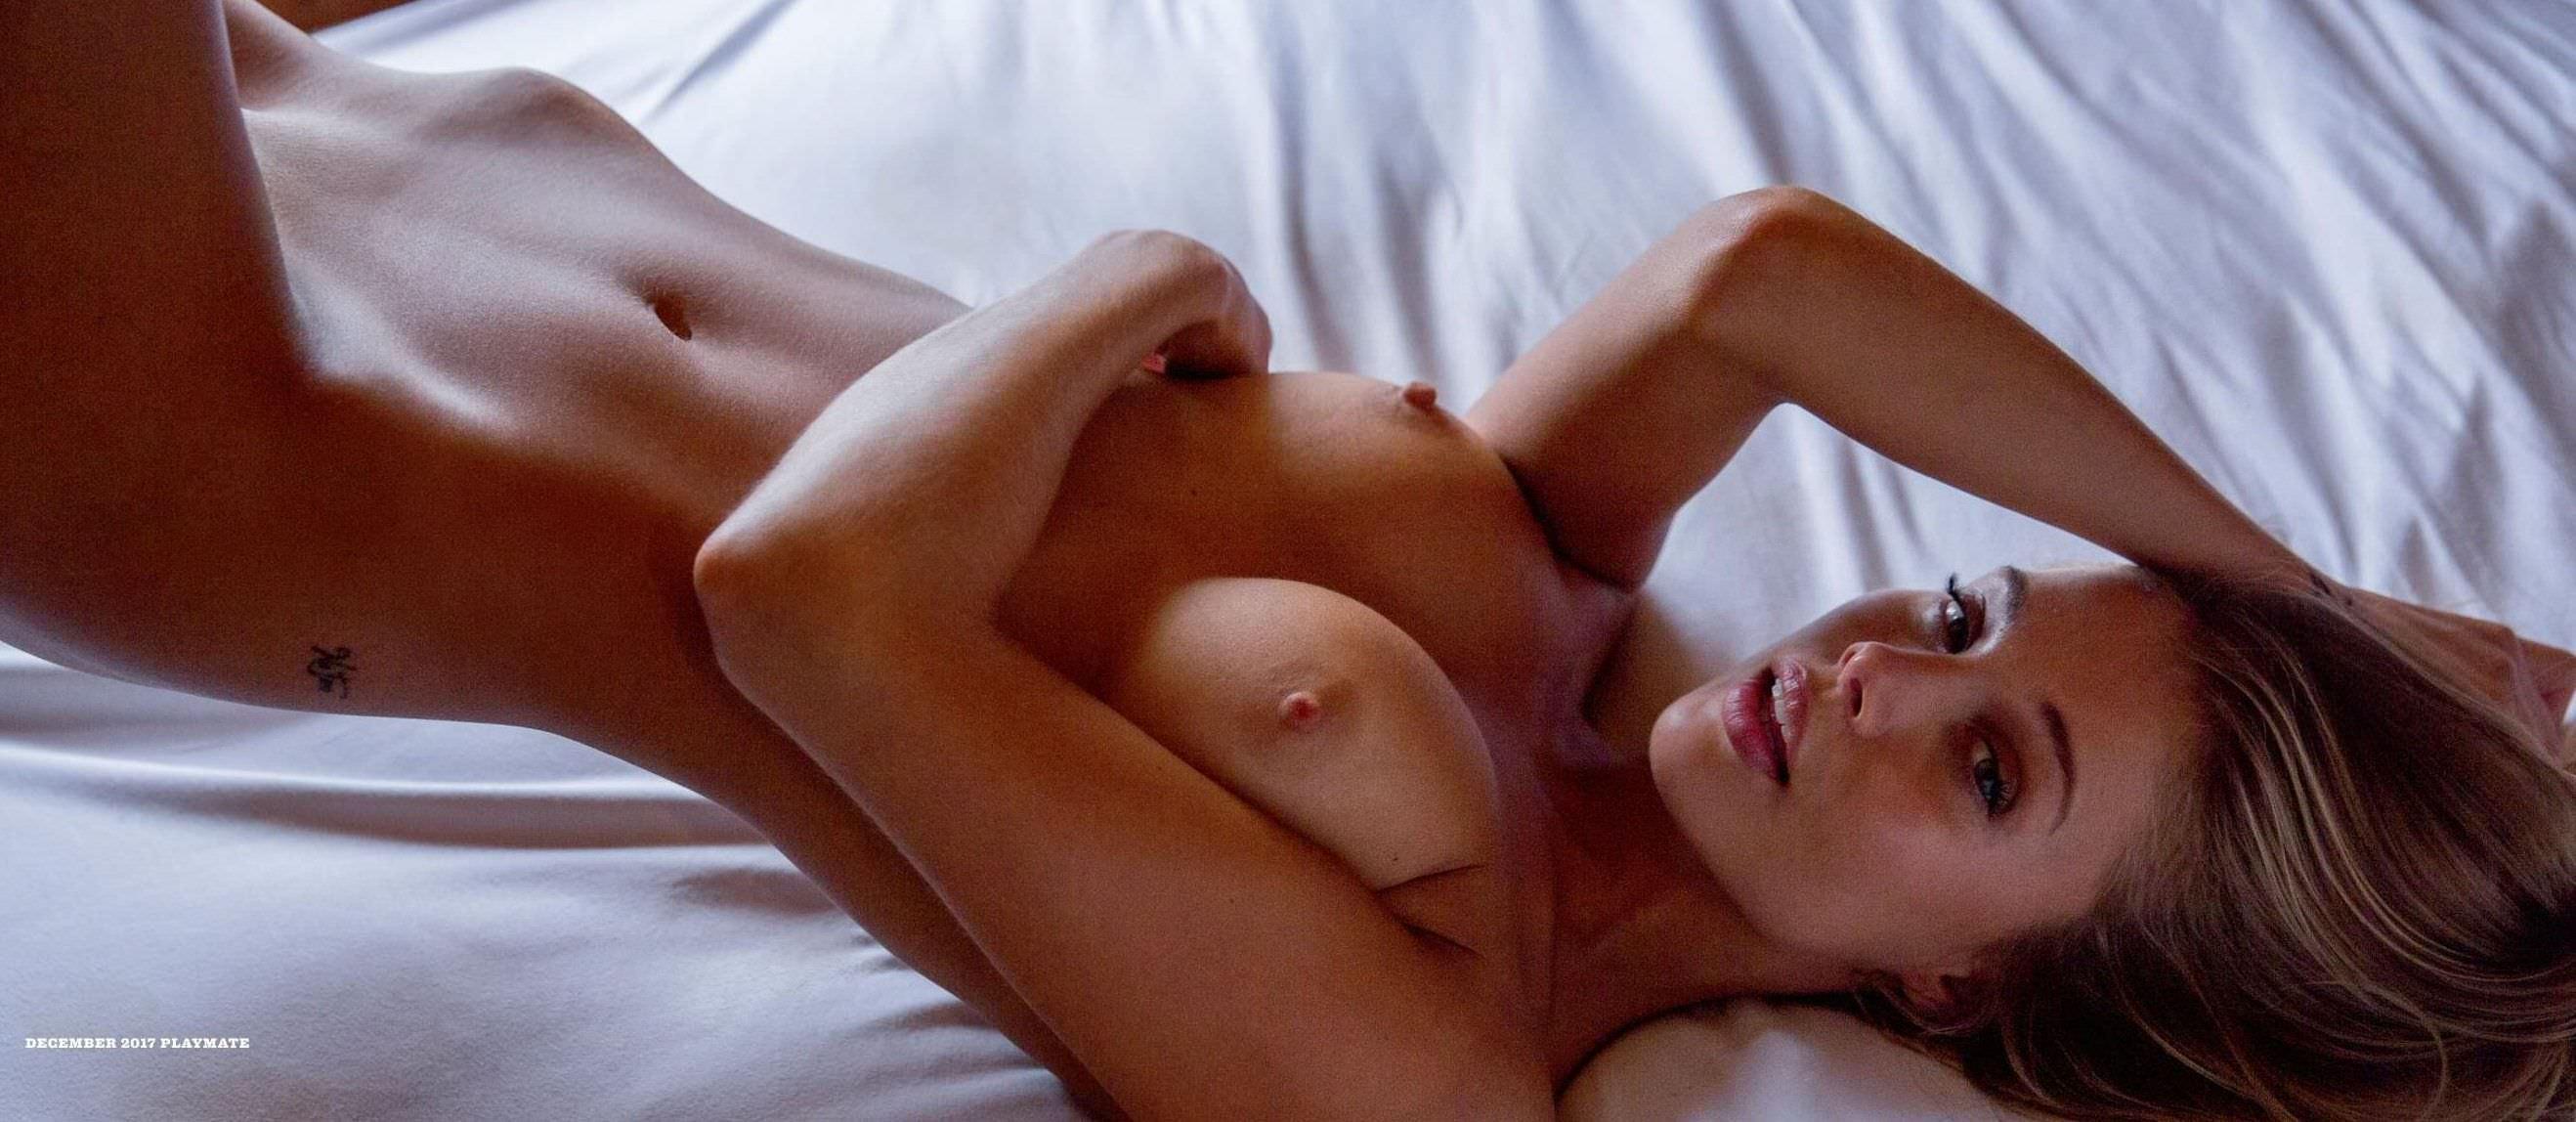 Actriz Star Wars Video Porno allie leggett porn pic - eporner